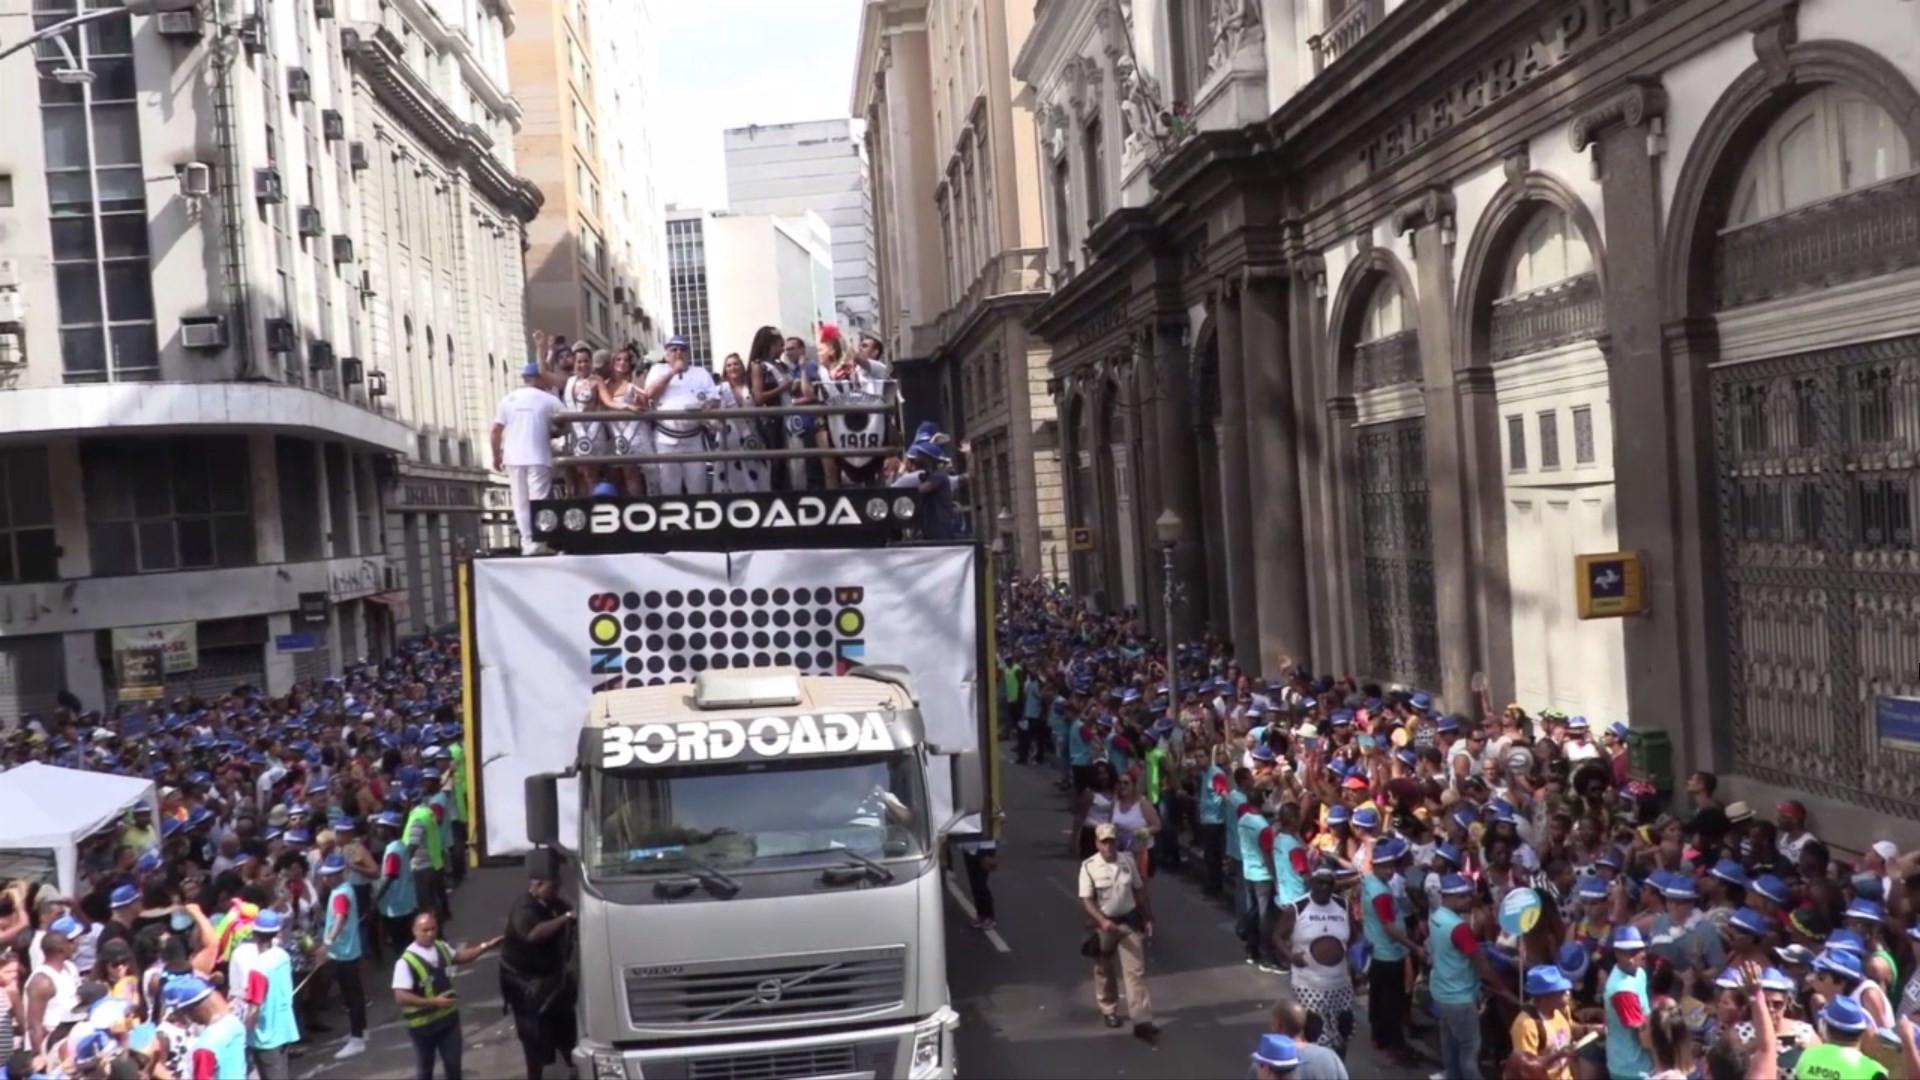 Bloco mais antigo do Rio de Janeiro celebra centenário no carnaval